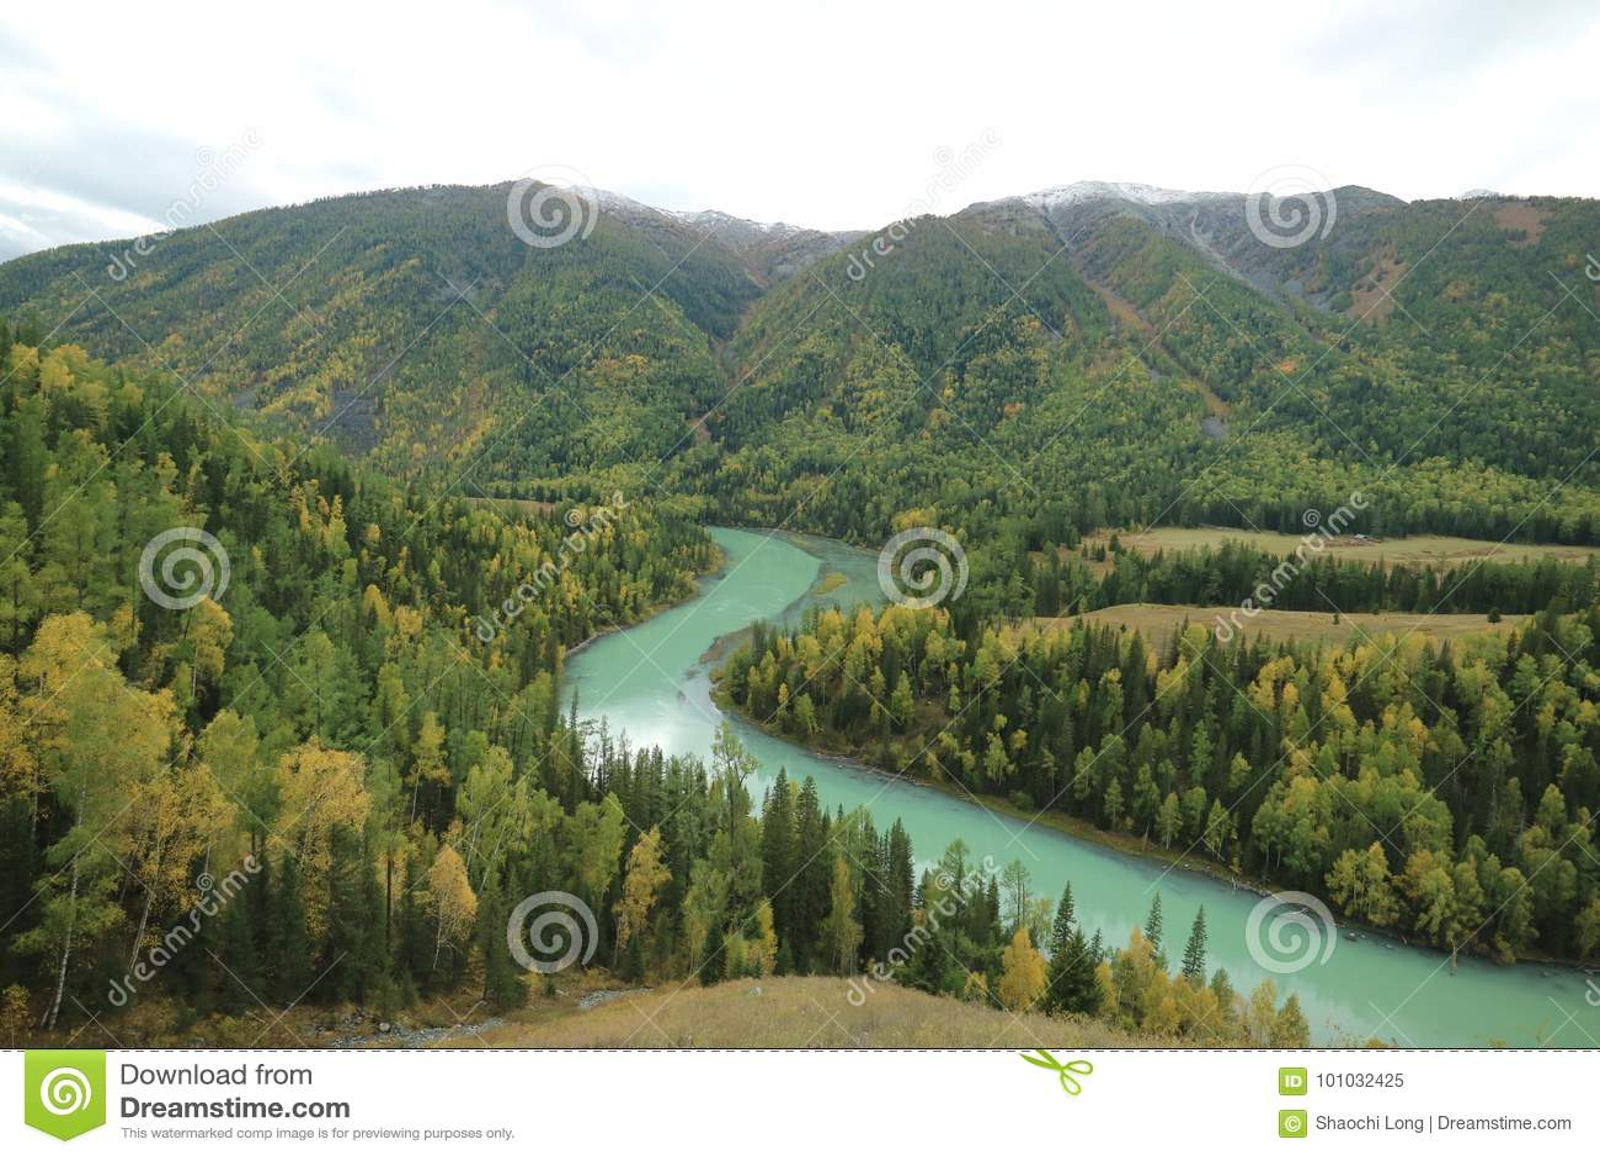 Moon Bay in Xinjiang